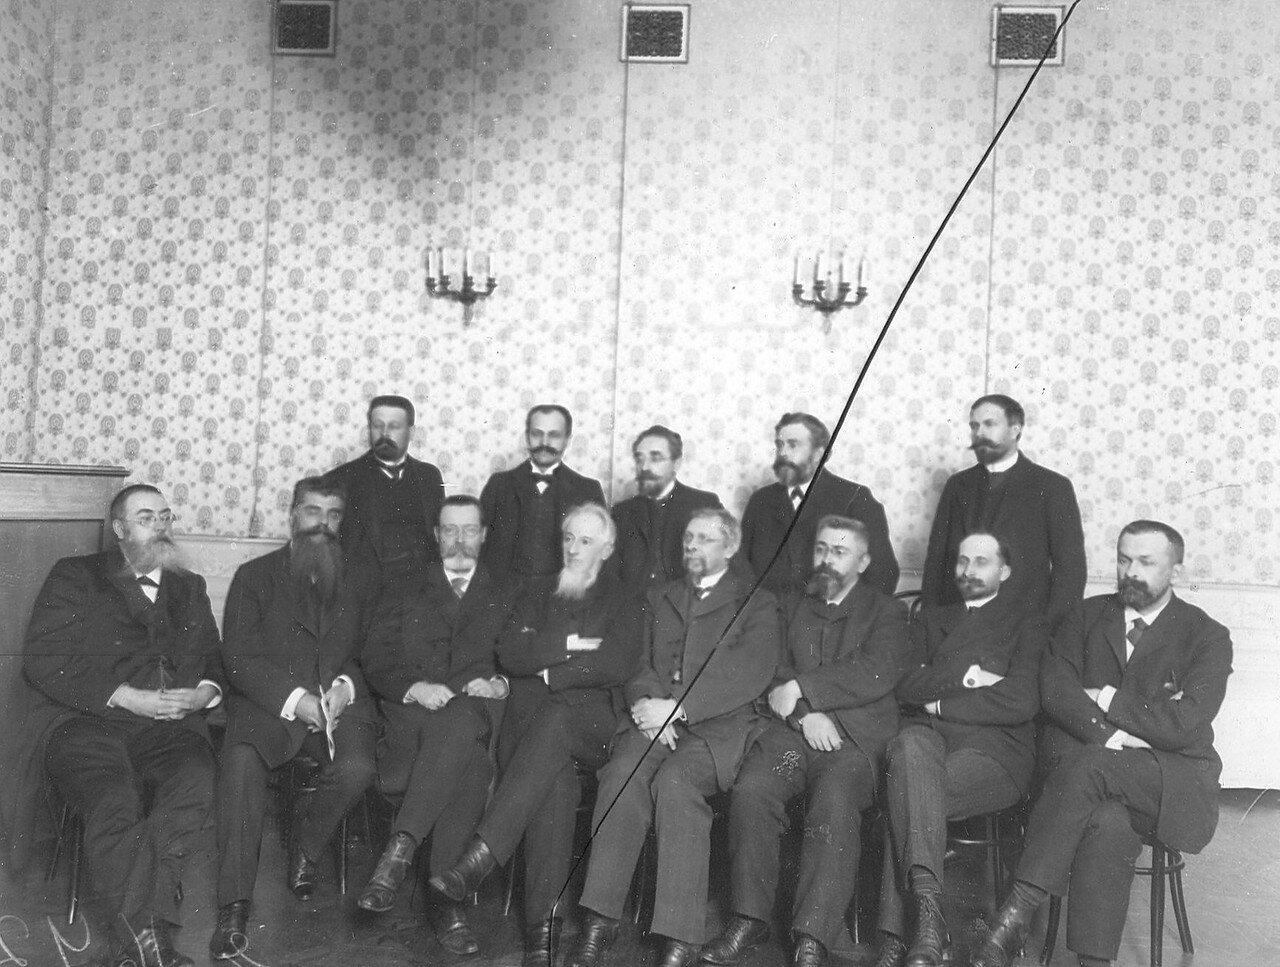 Группа депутатов Третьей Государственной думы. В центре группы Г.А. Гайден, Н.Д. Гайдак, второй слева - Стахович и другие